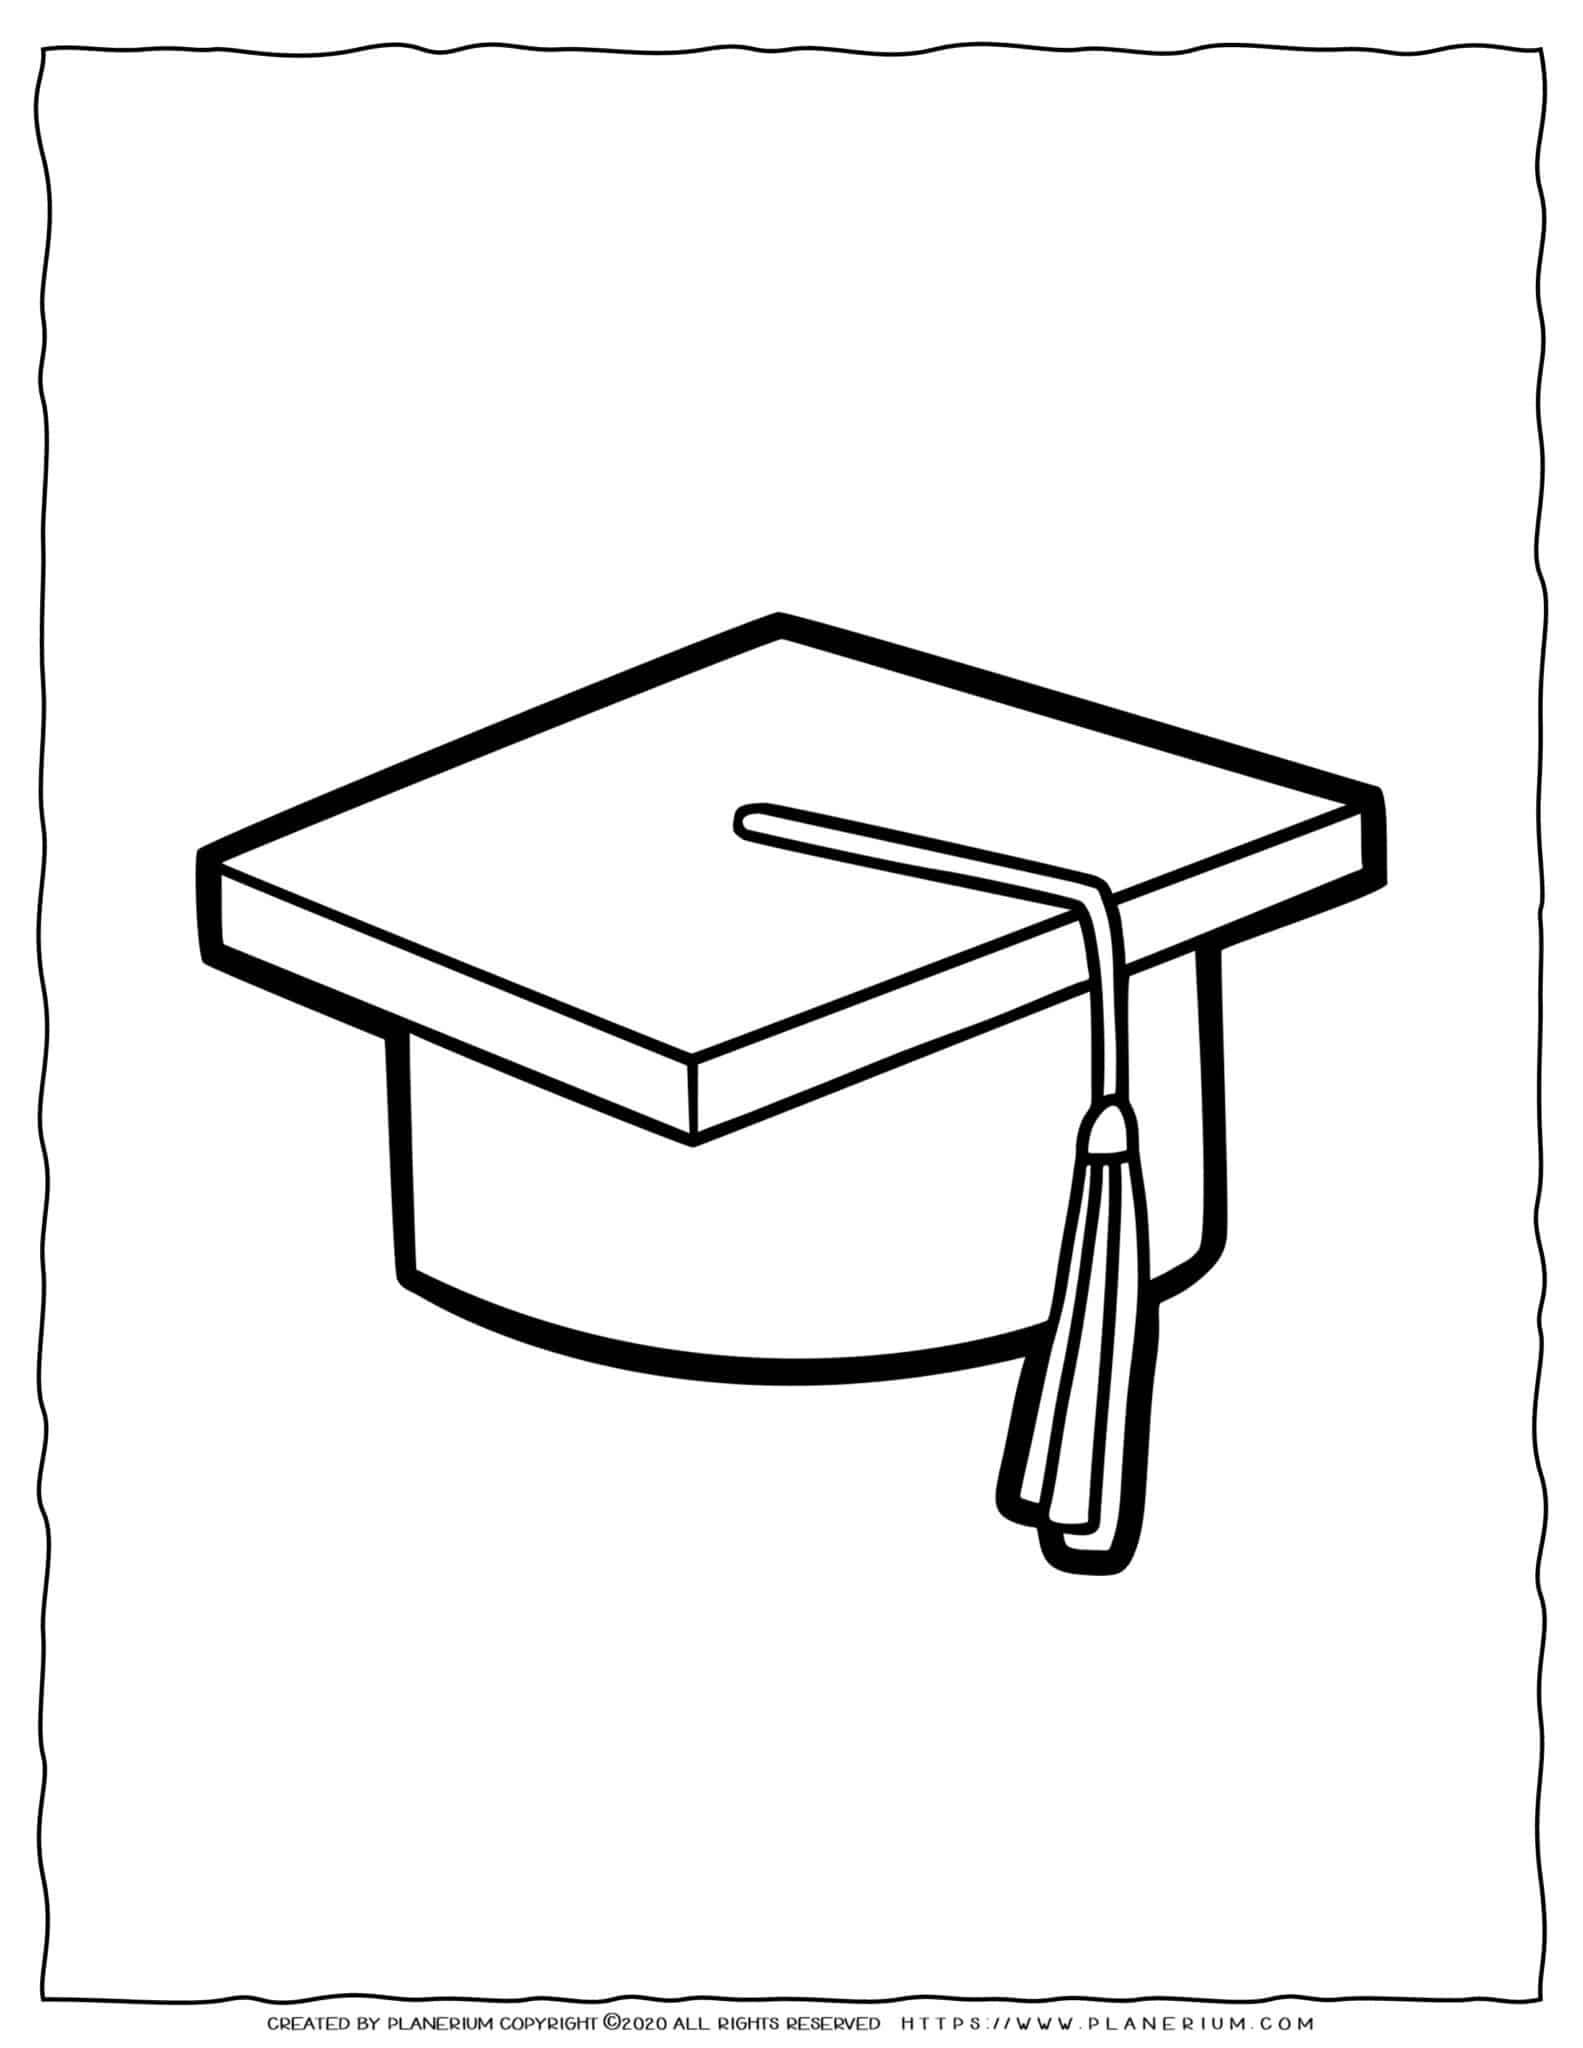 Clothes Coloring Page - Graduation Hat | Planerium